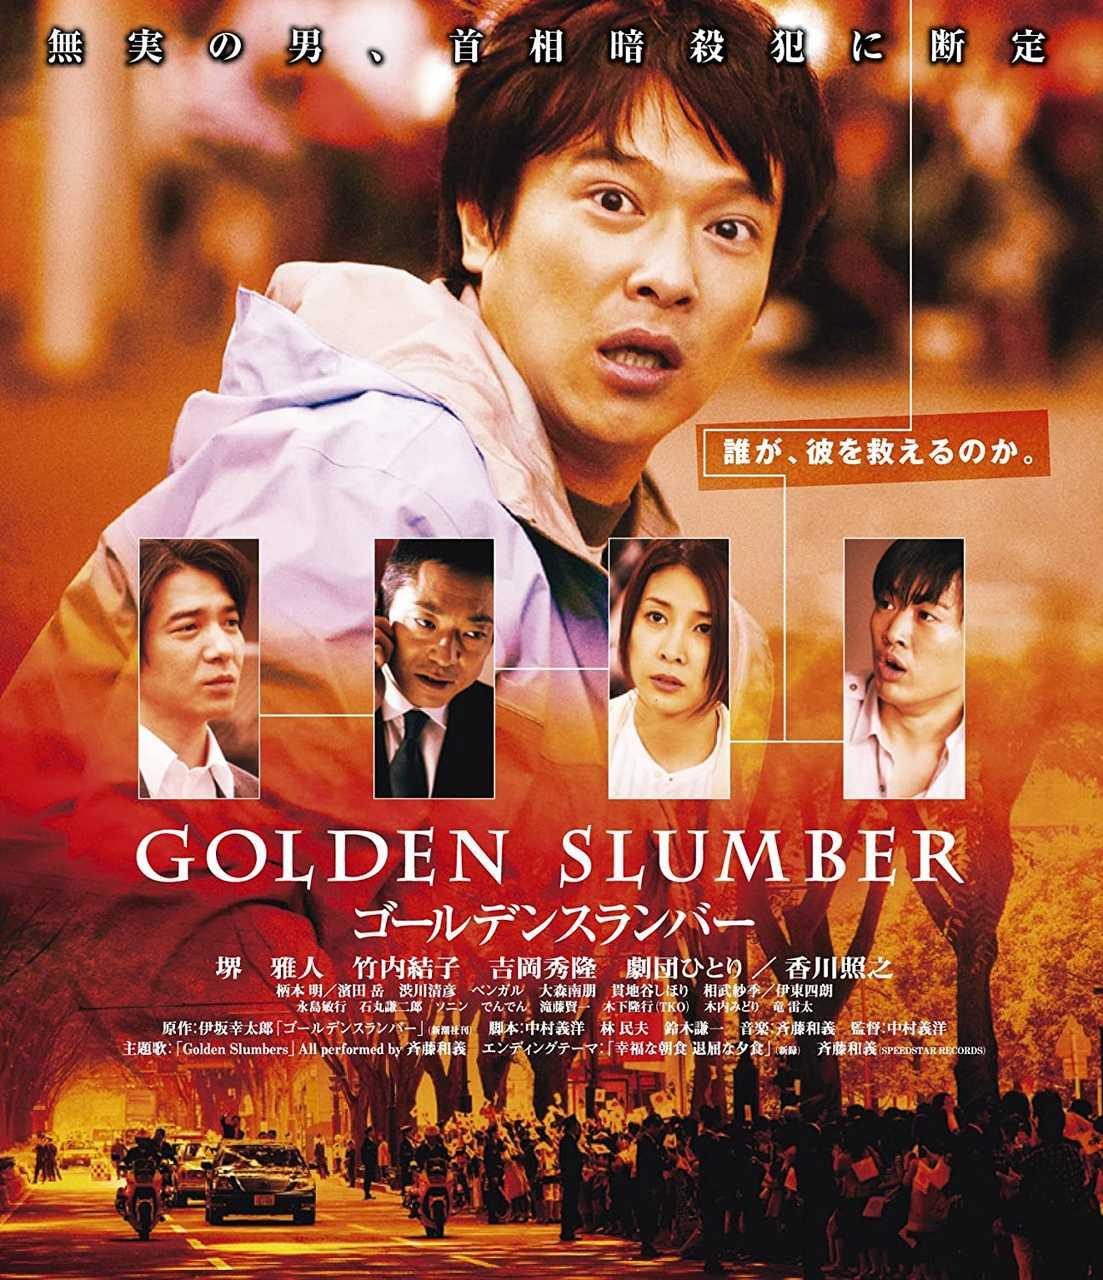 映画「ゴールデンスランバー」あなたは助けてもらえる?信頼関係で支えられる冤罪の男の逃亡劇